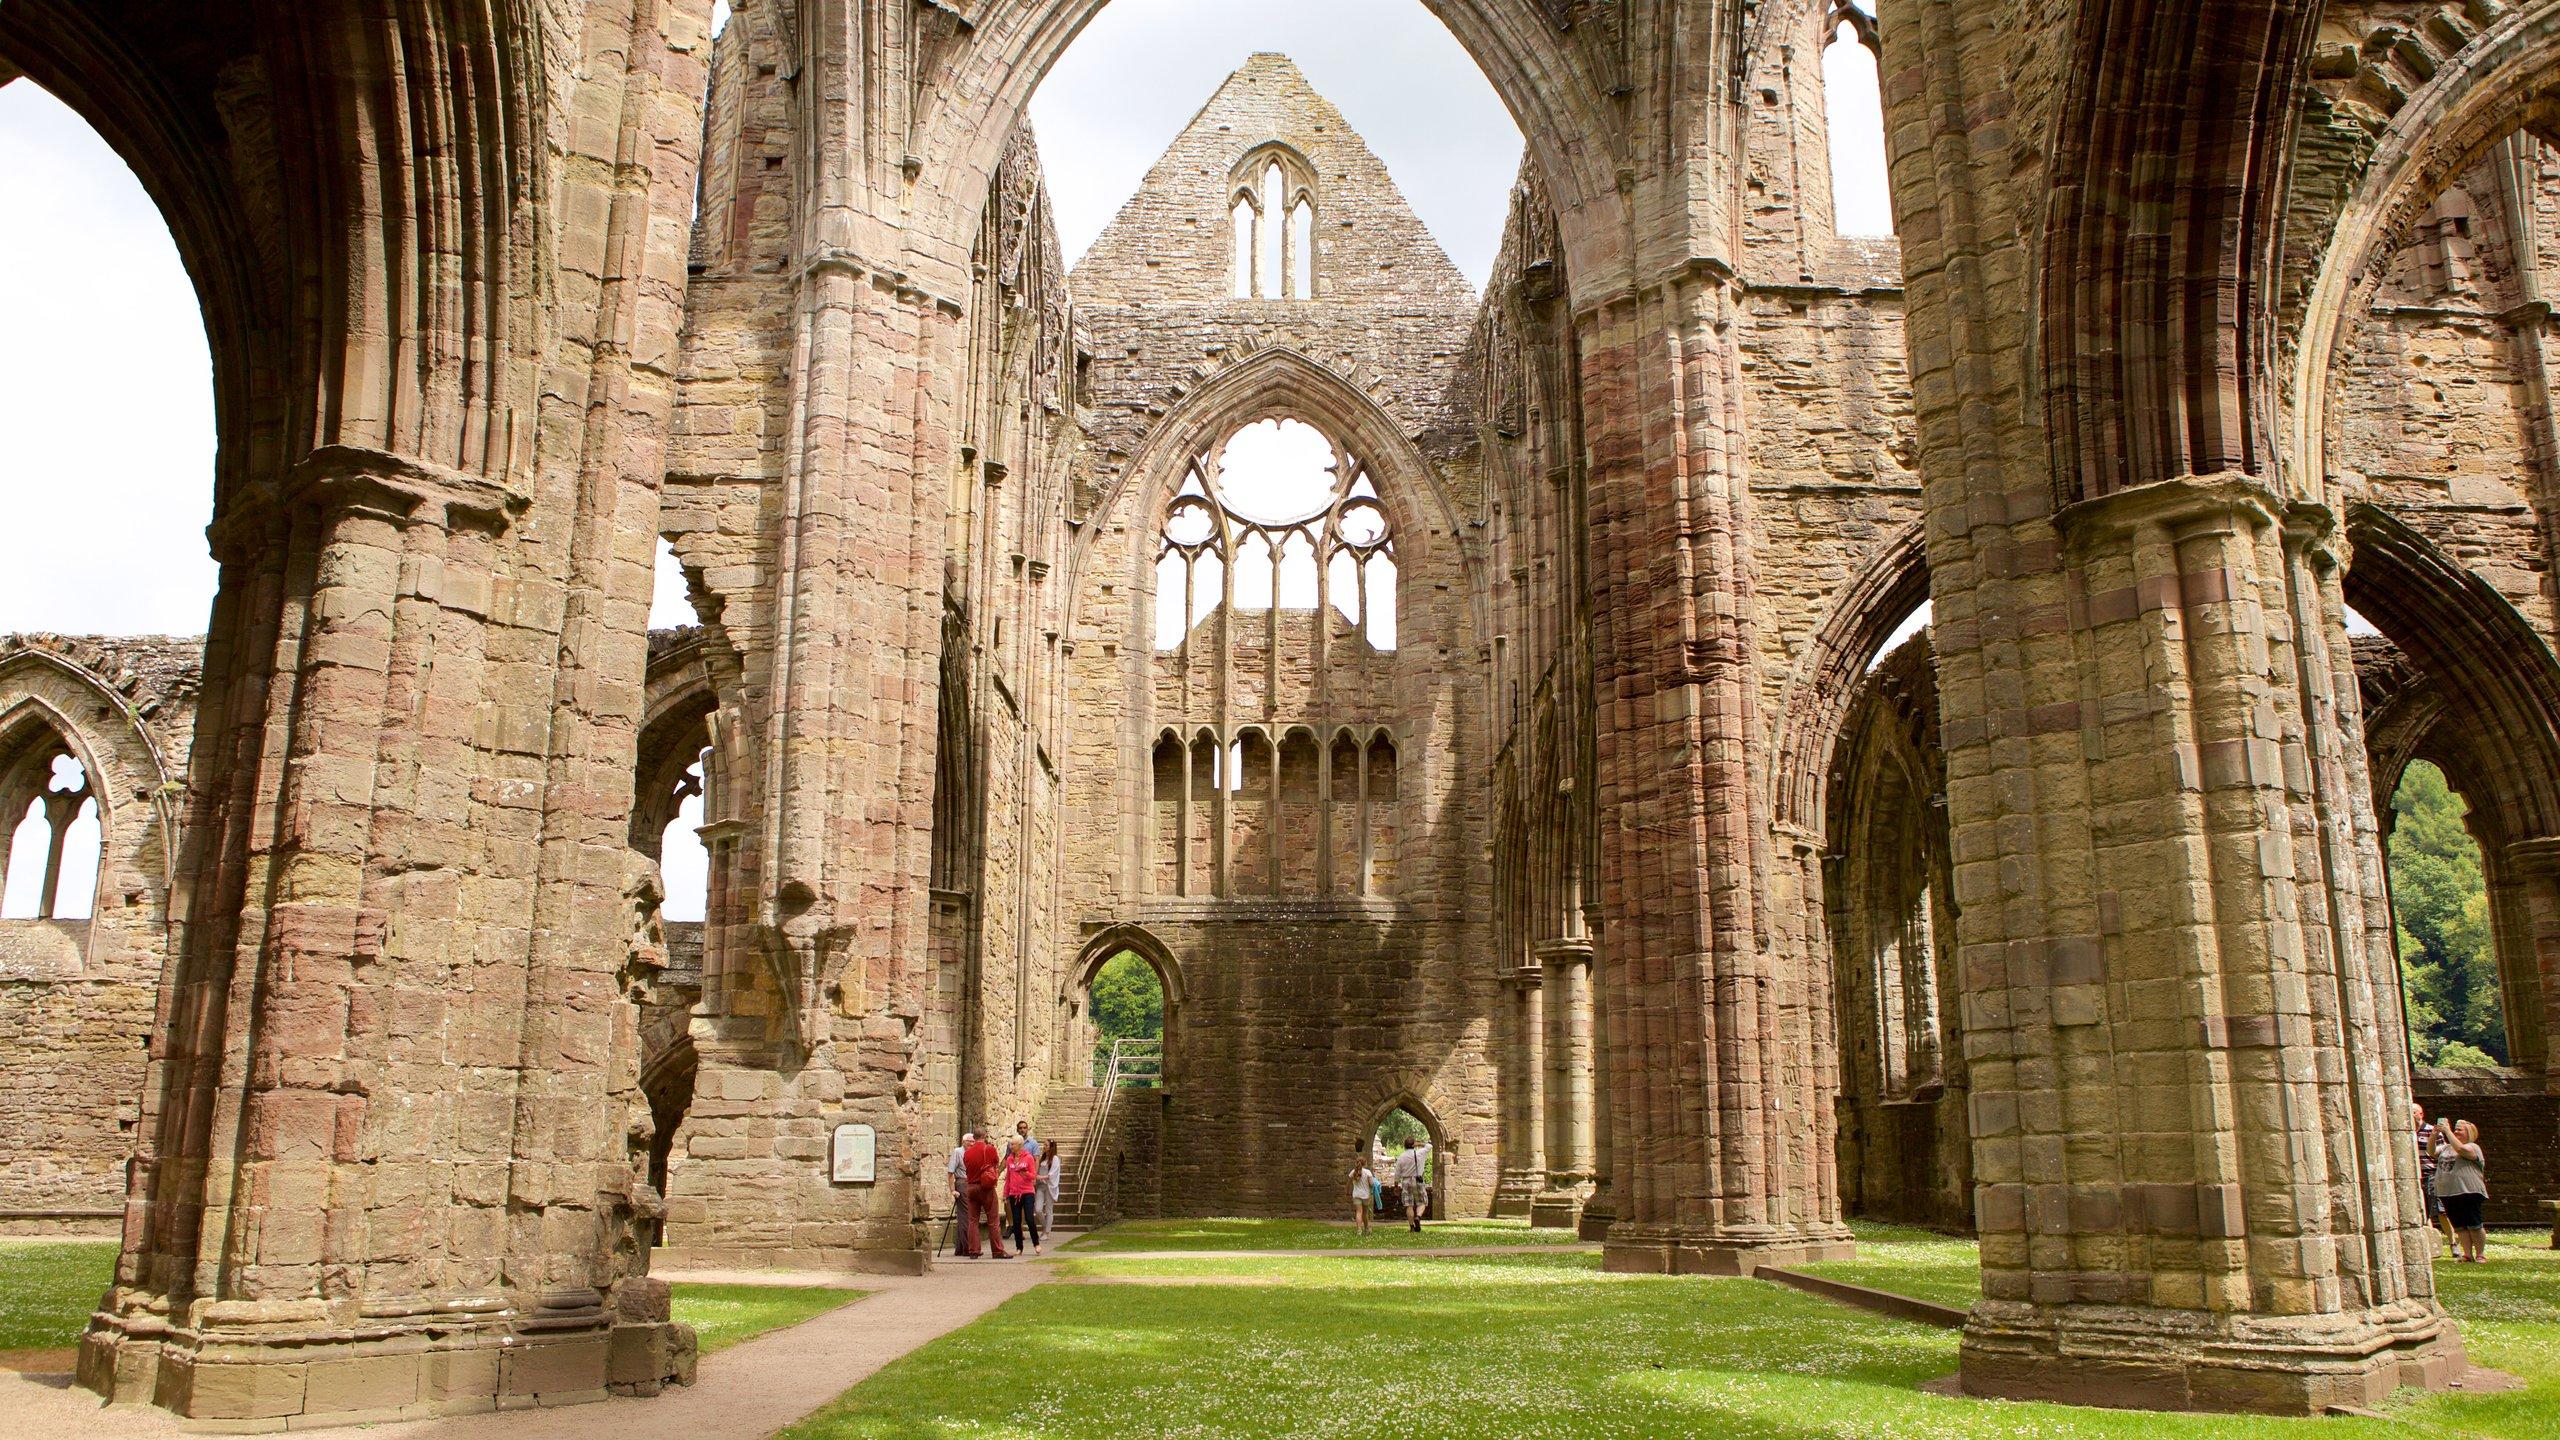 Tintern Abbey, Chepstow, Wales, United Kingdom